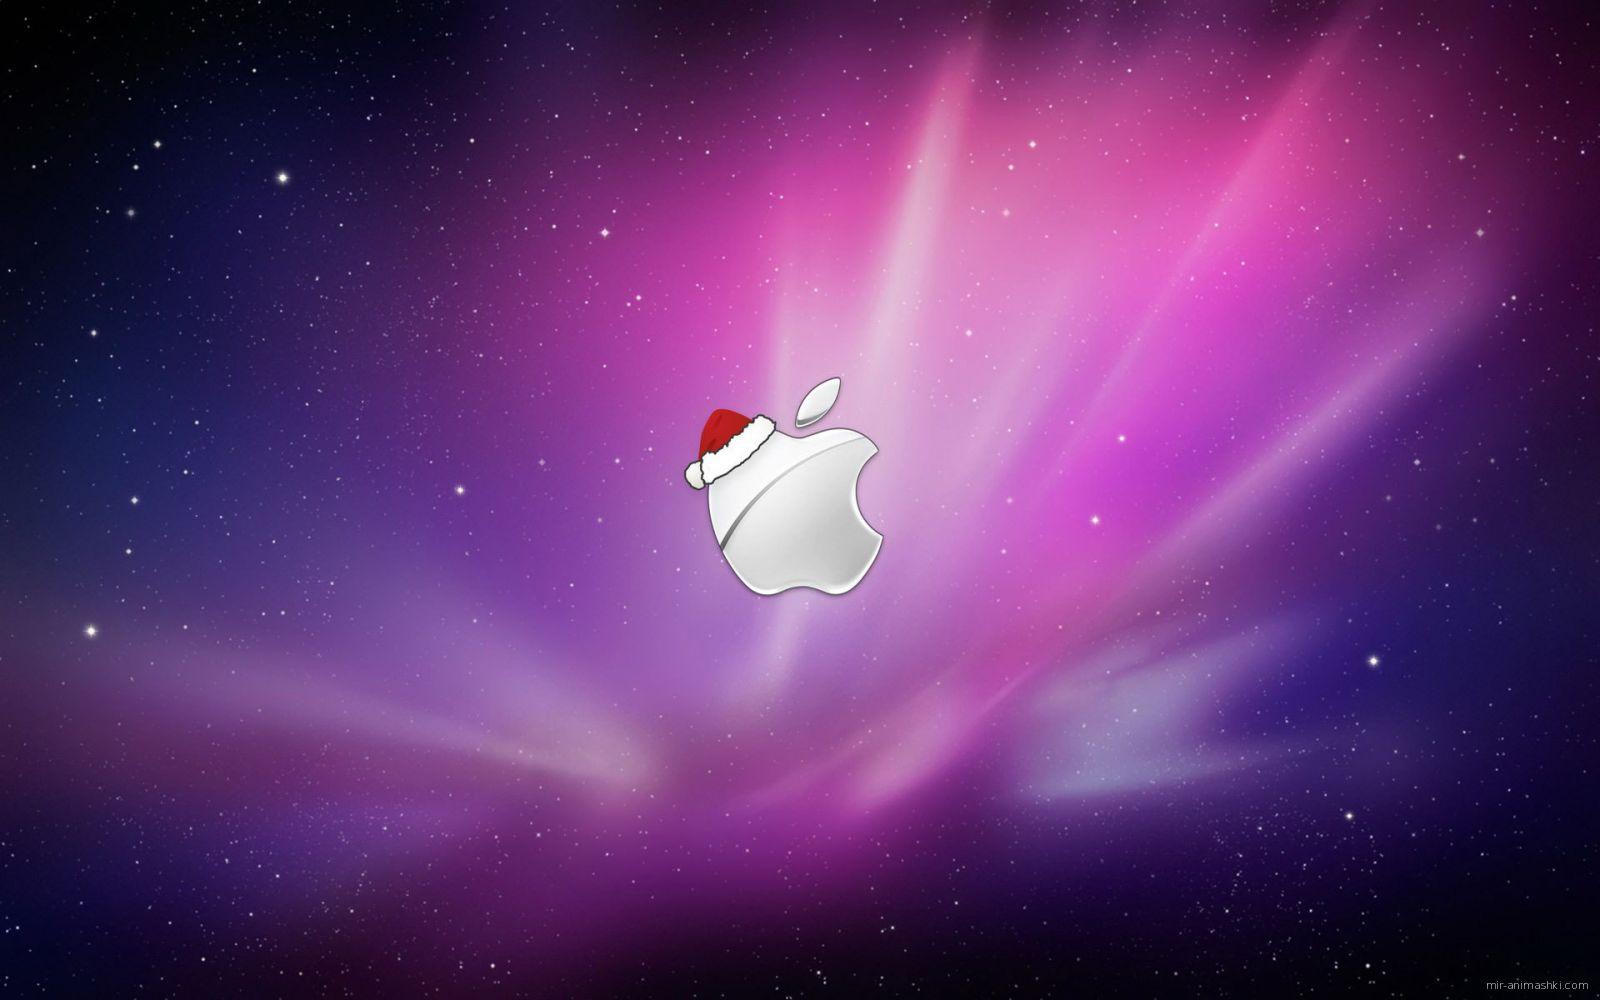 Логотип фирмы Apple на рождество - C Рождеством Христовым поздравительные картинки